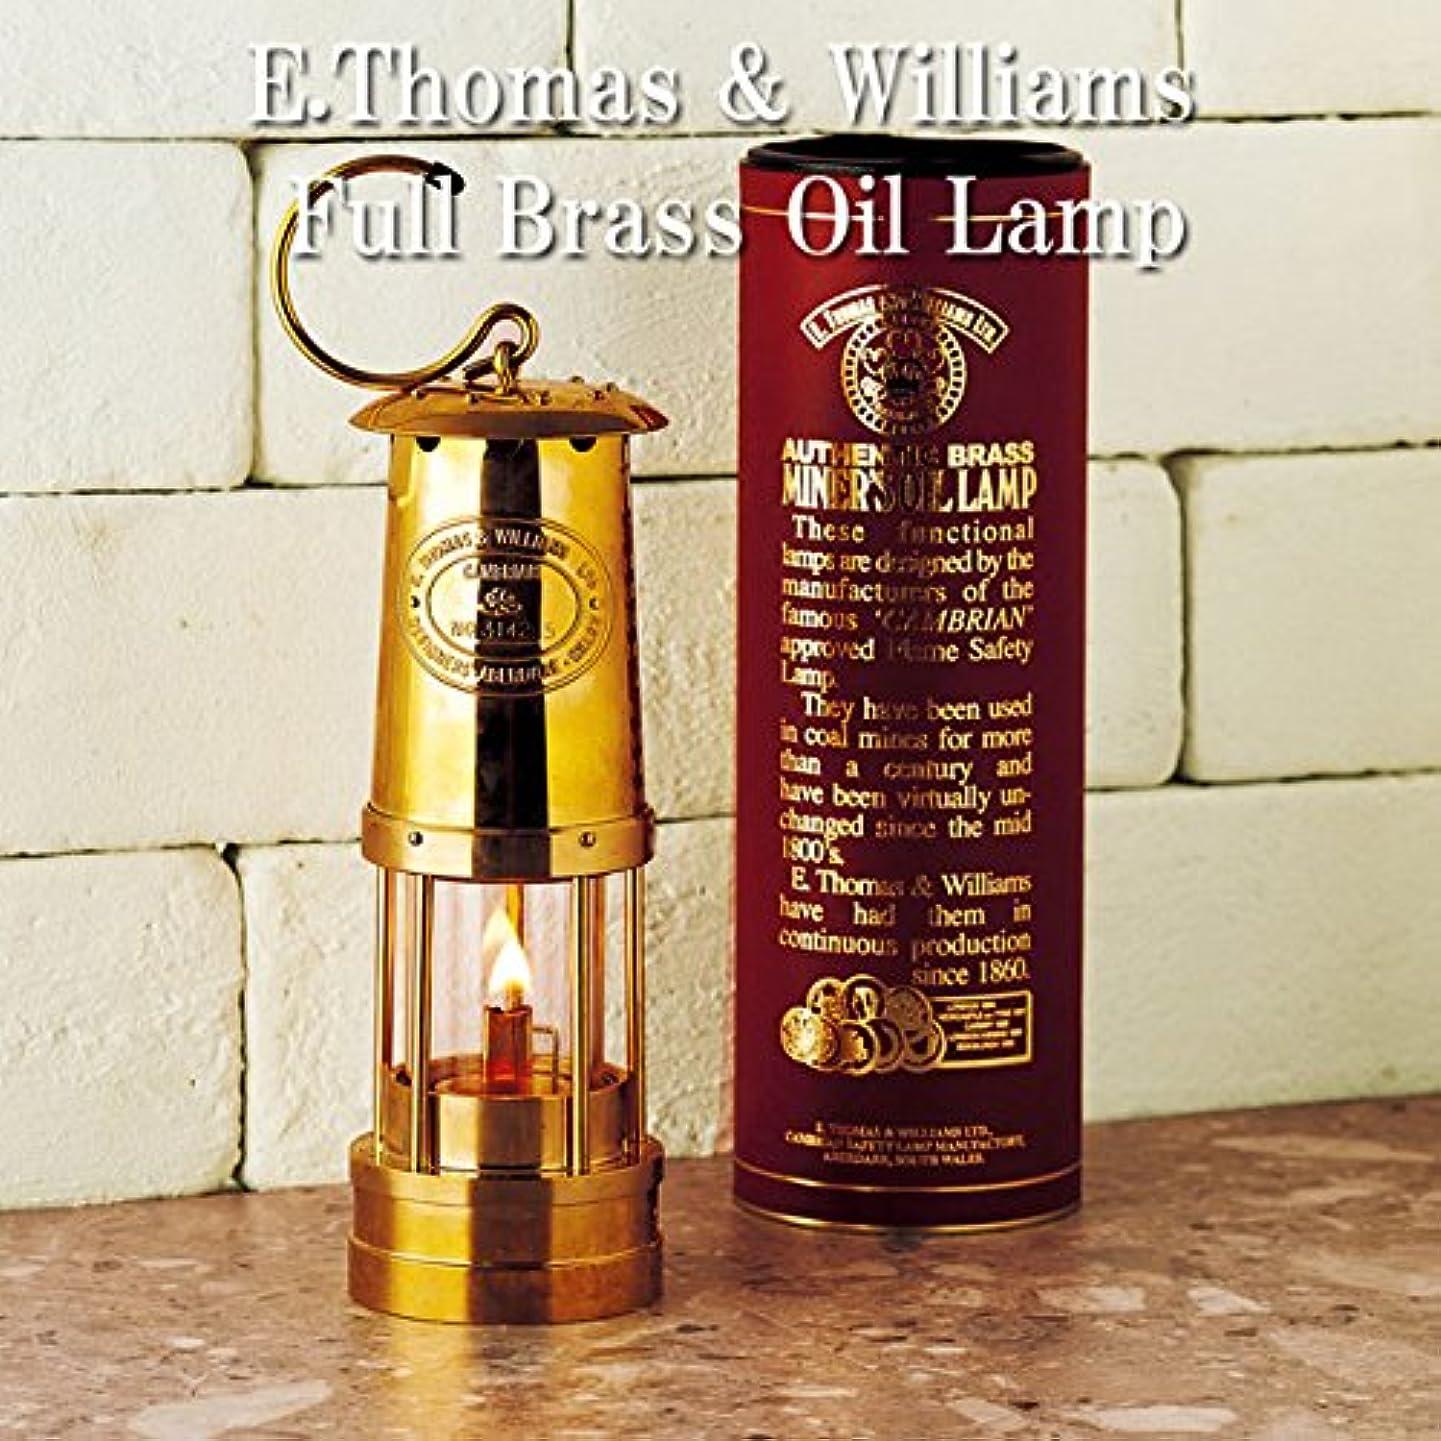 クレーター残酷な被害者『オイルランプ』ランタン型オイルランプ E.Thomas & Williams/イートーマス アンド ウィリアムス(ET-100)